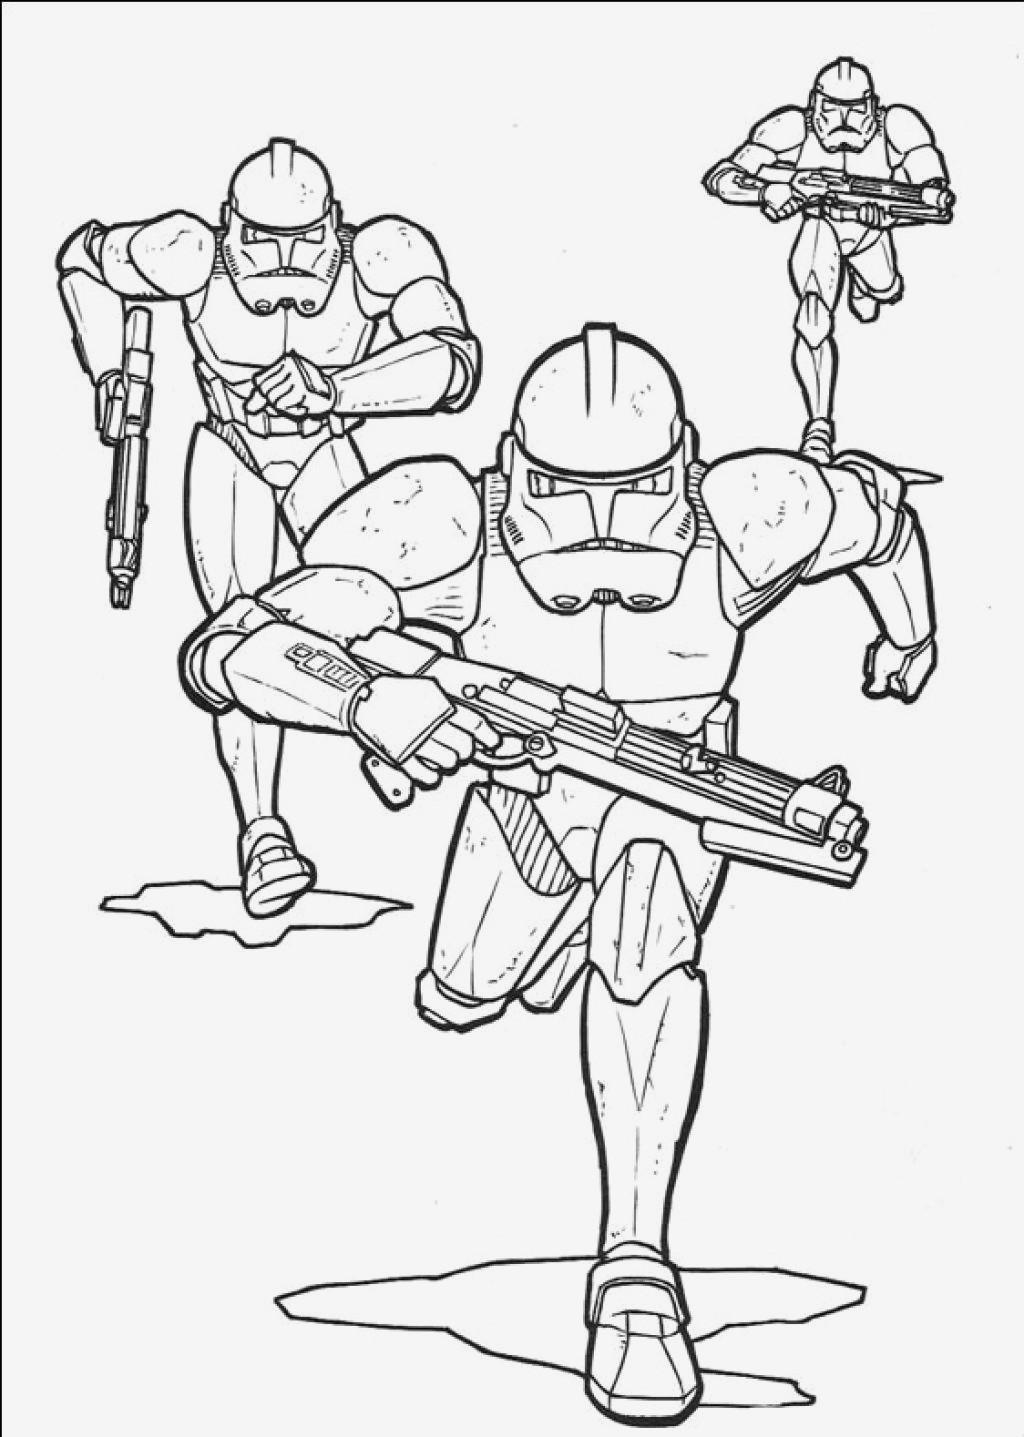 Star Wars Ausmalbilder Darth Maul Inspirierend Malvorlagen Star Wars Kostenlos Bilder Zum Ausmalen Bekommen Drawn Bild